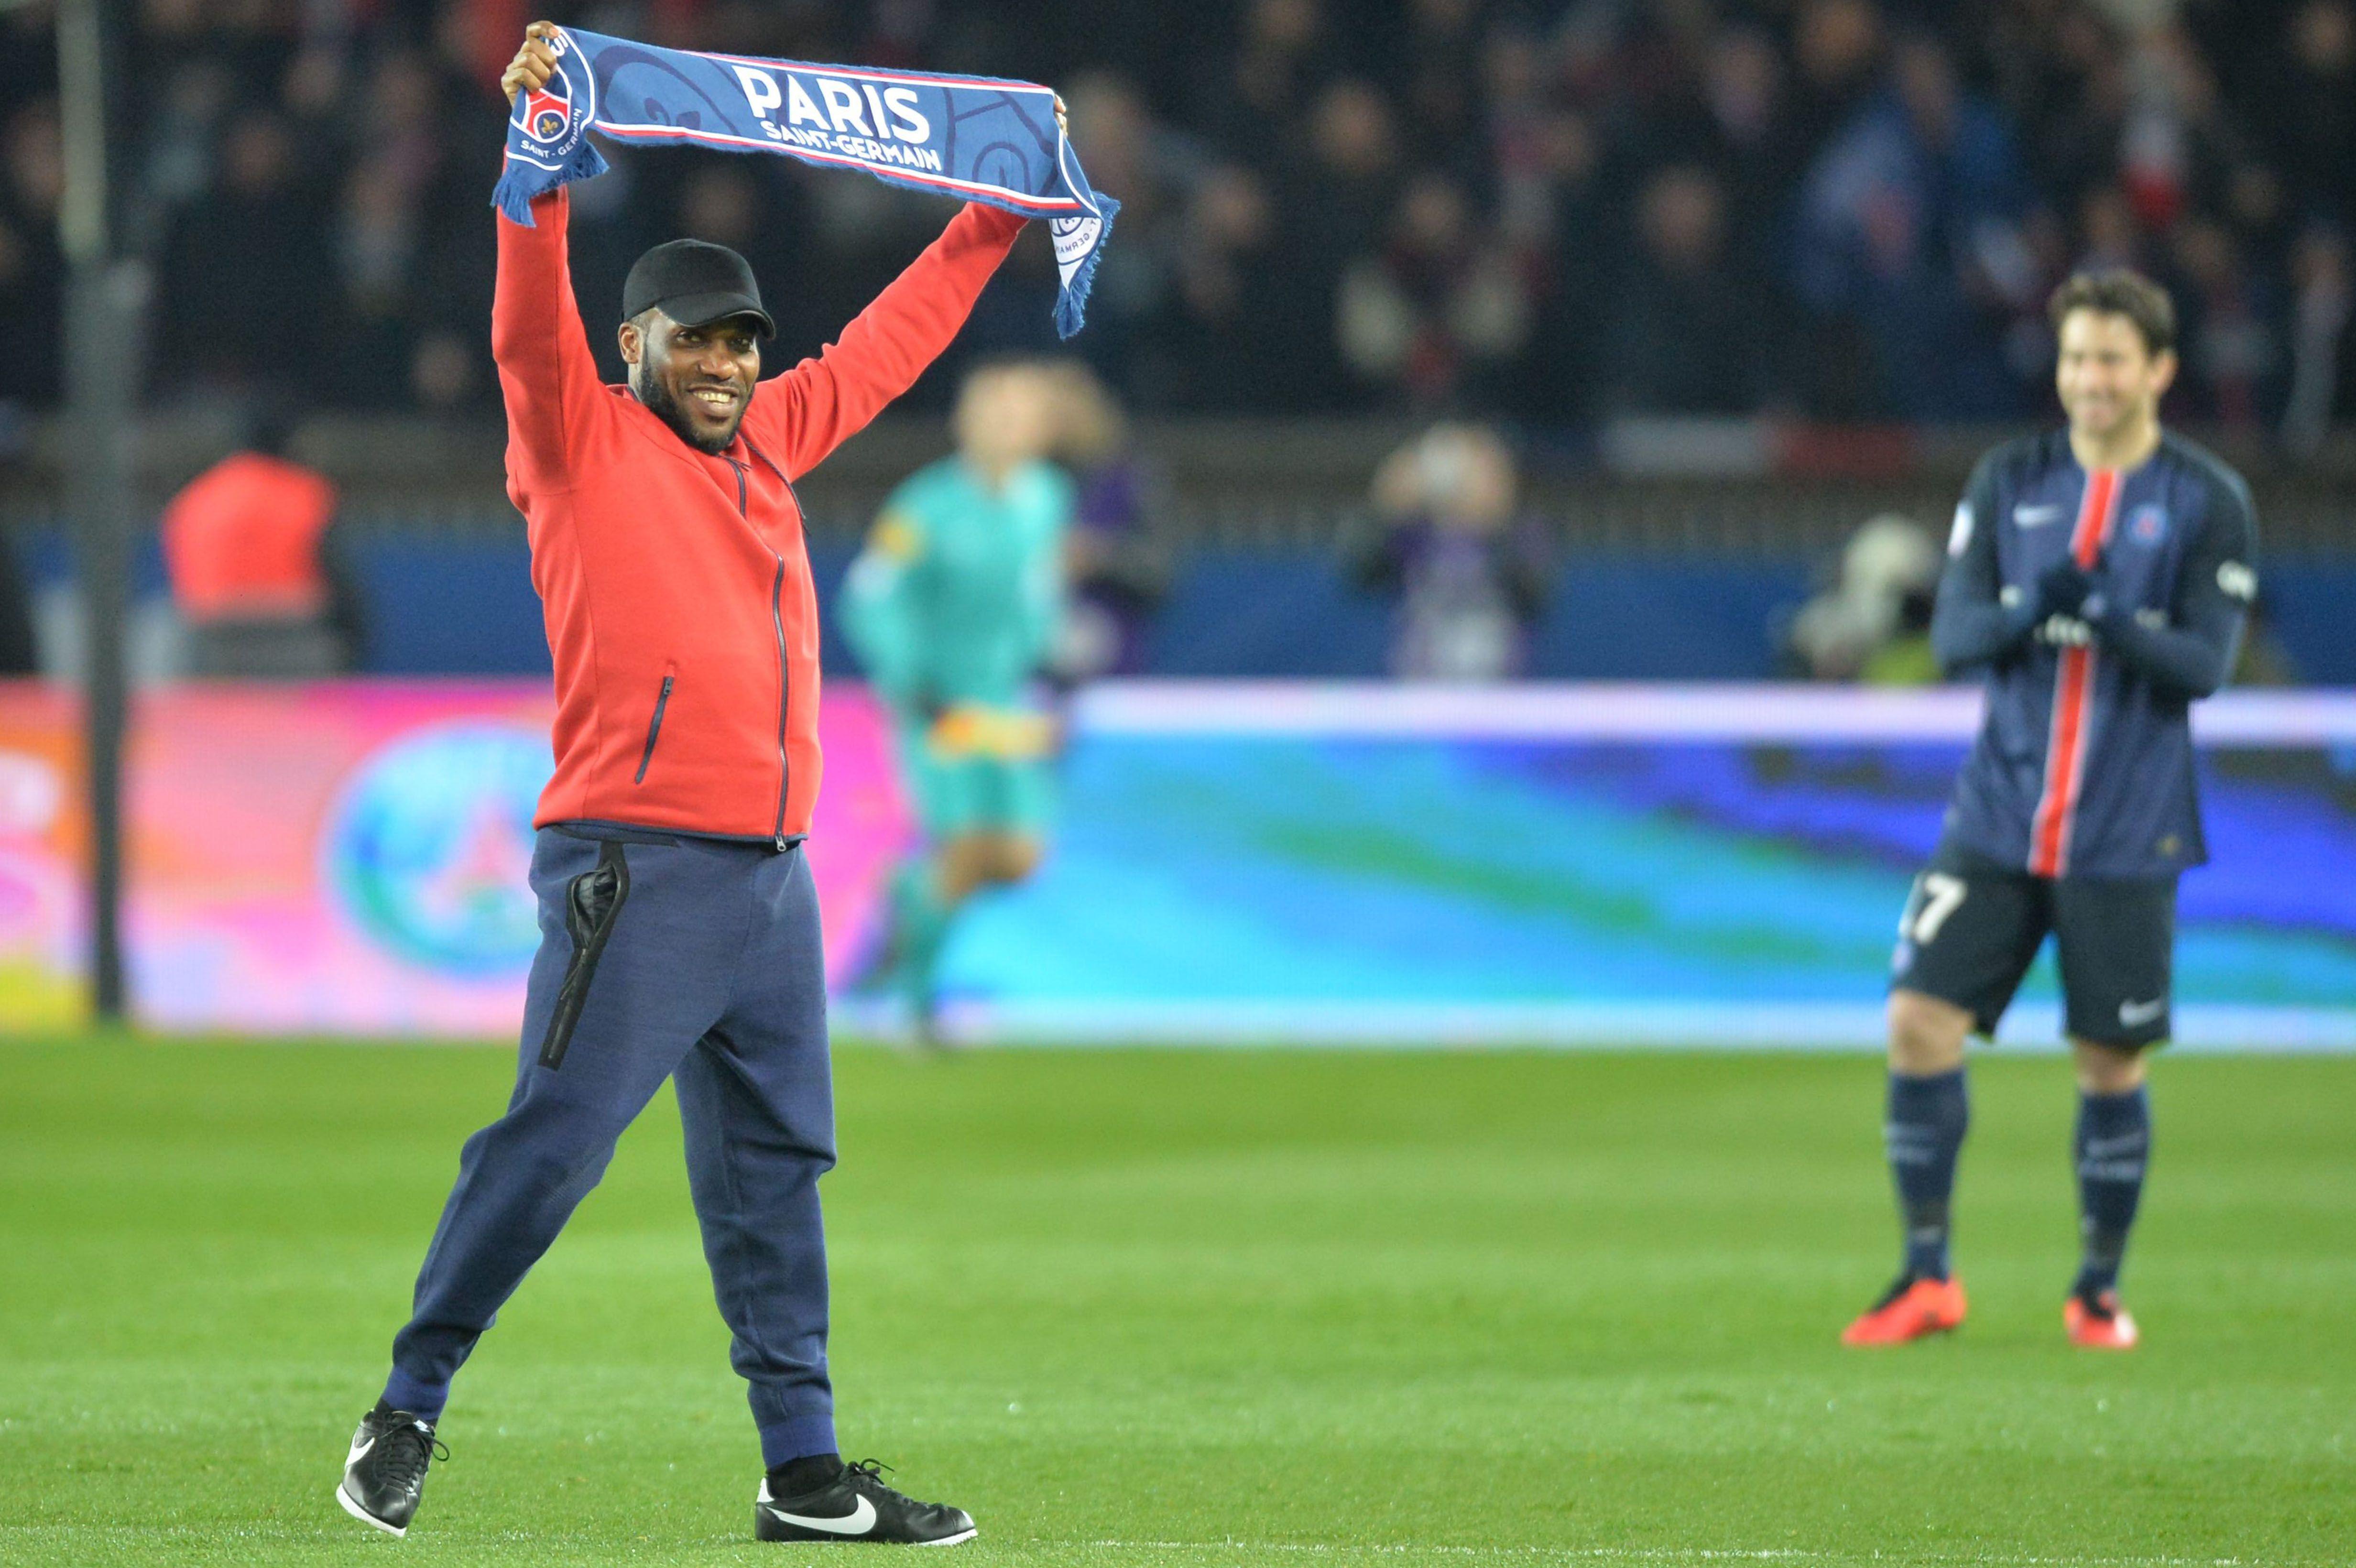 Football - Joyeux anniversaire Jay Jay Okocha